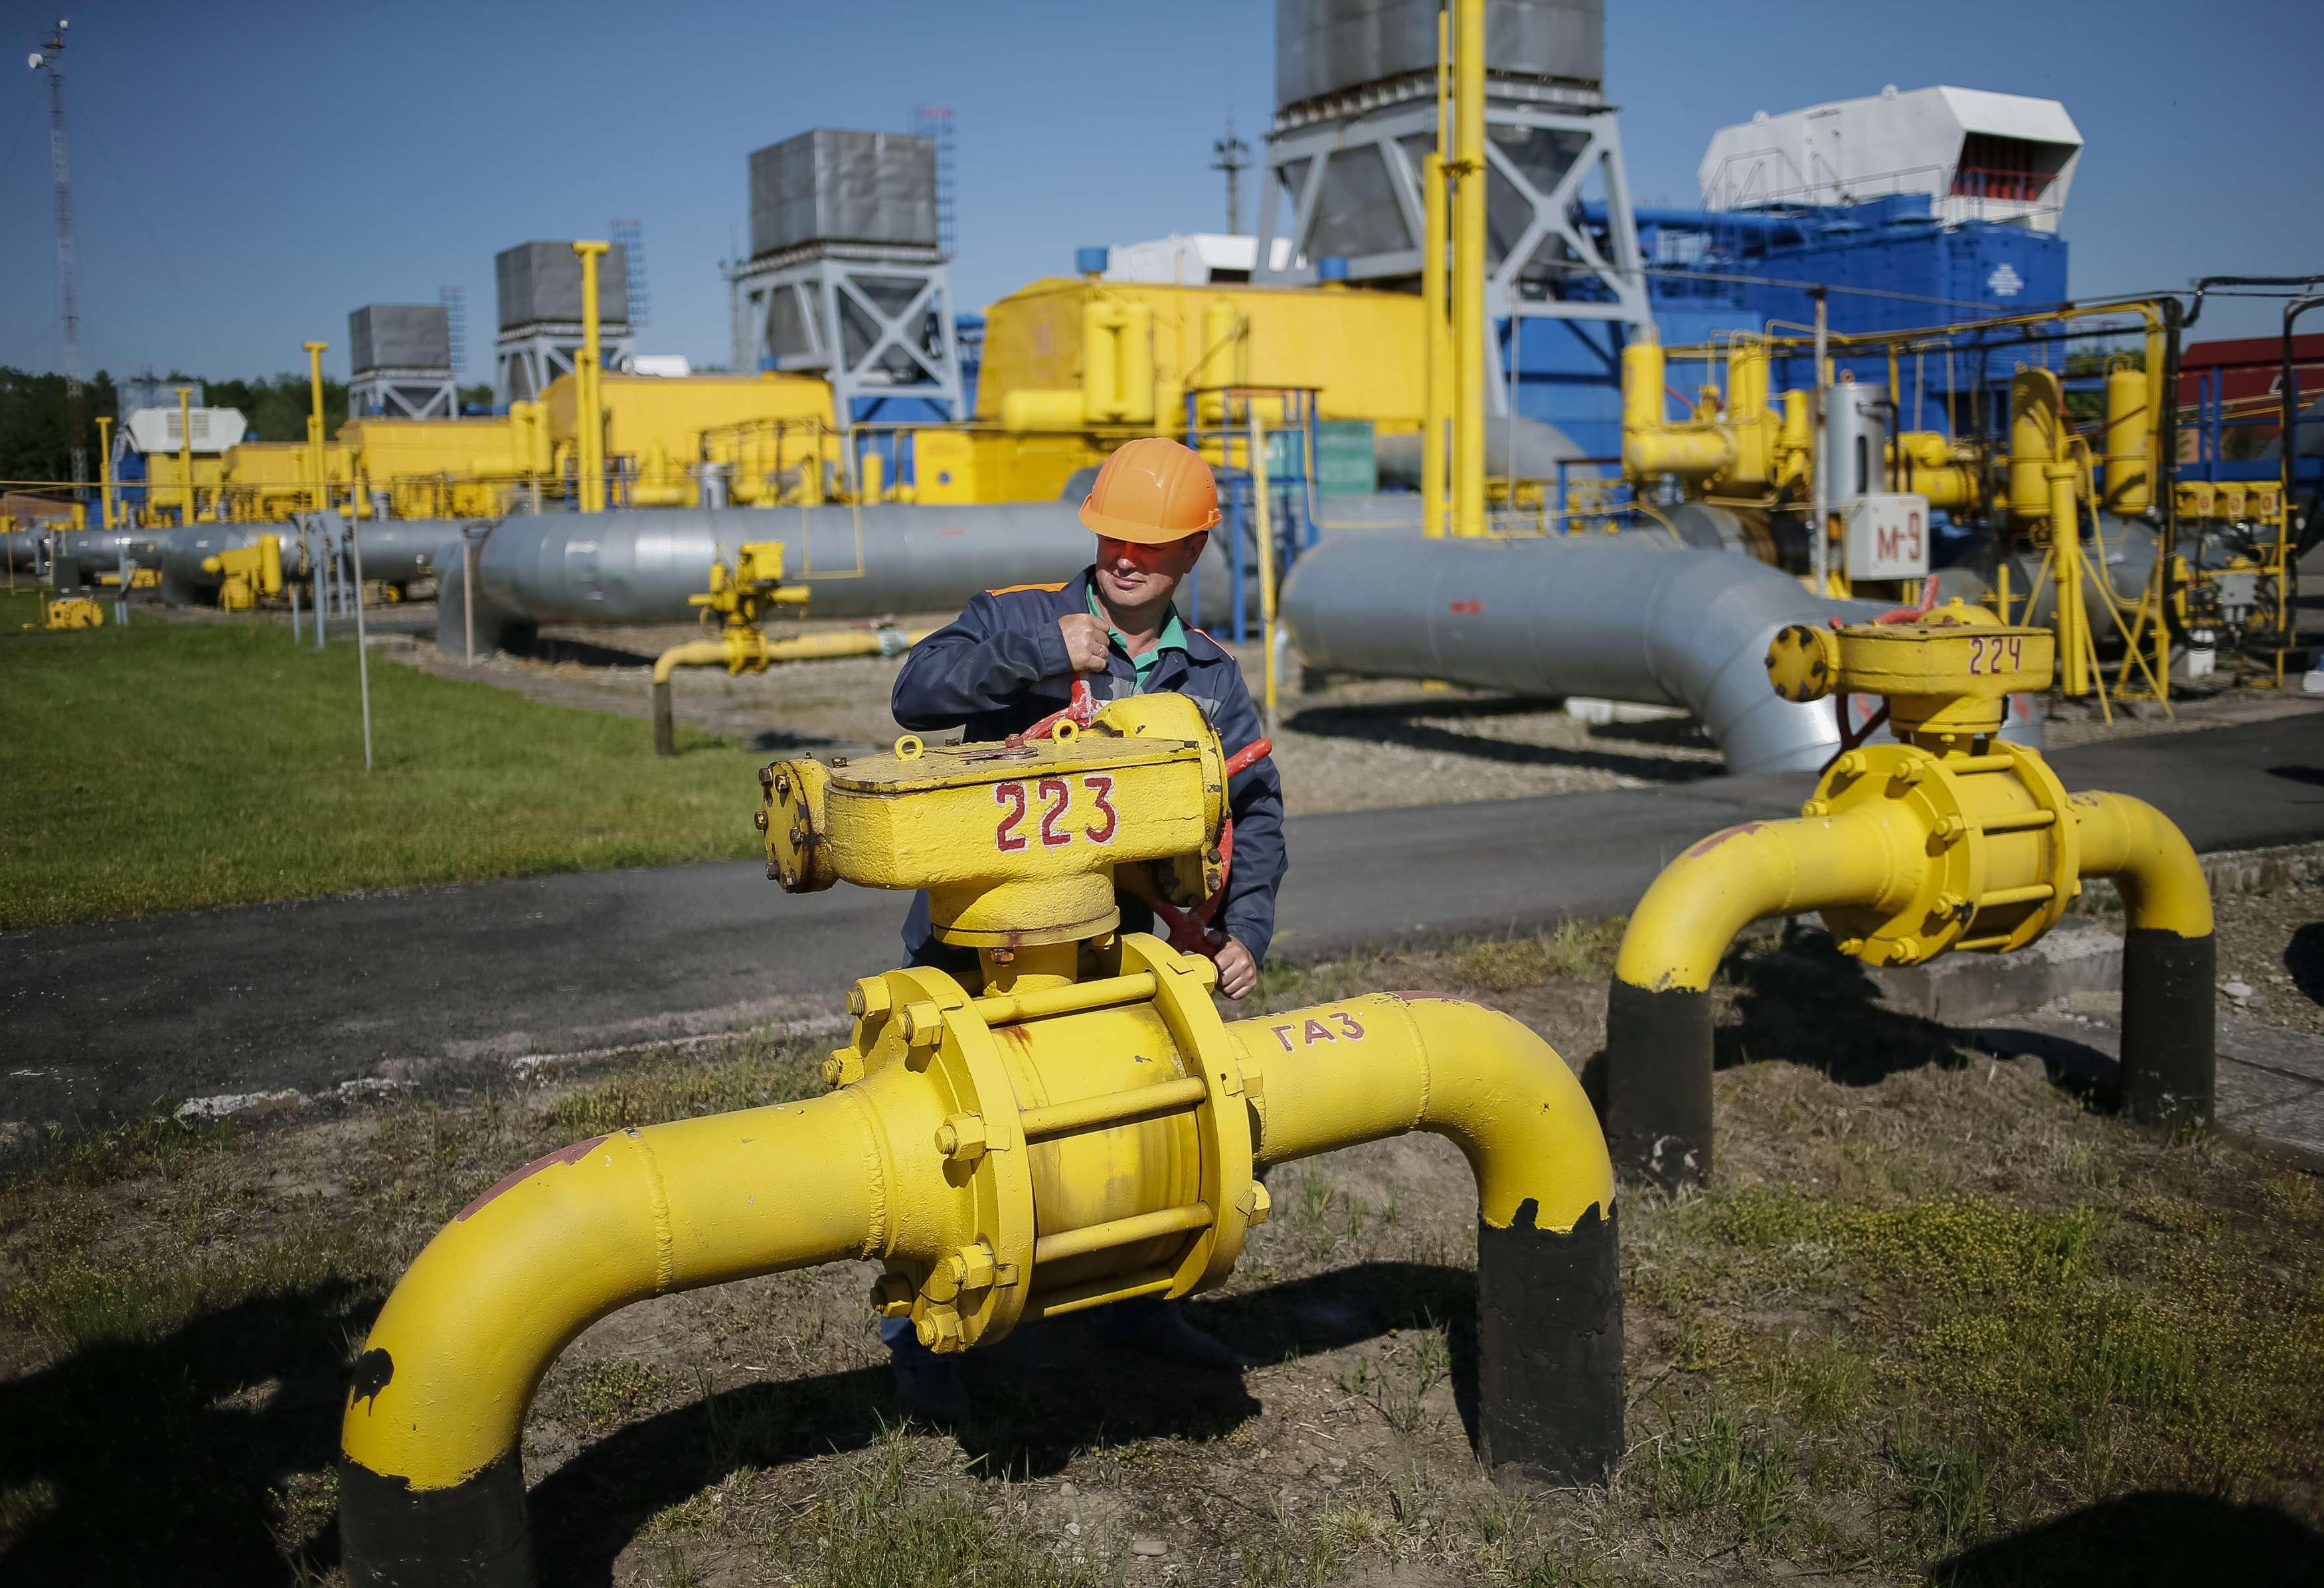 Европа может снизить зависимость от российского газа